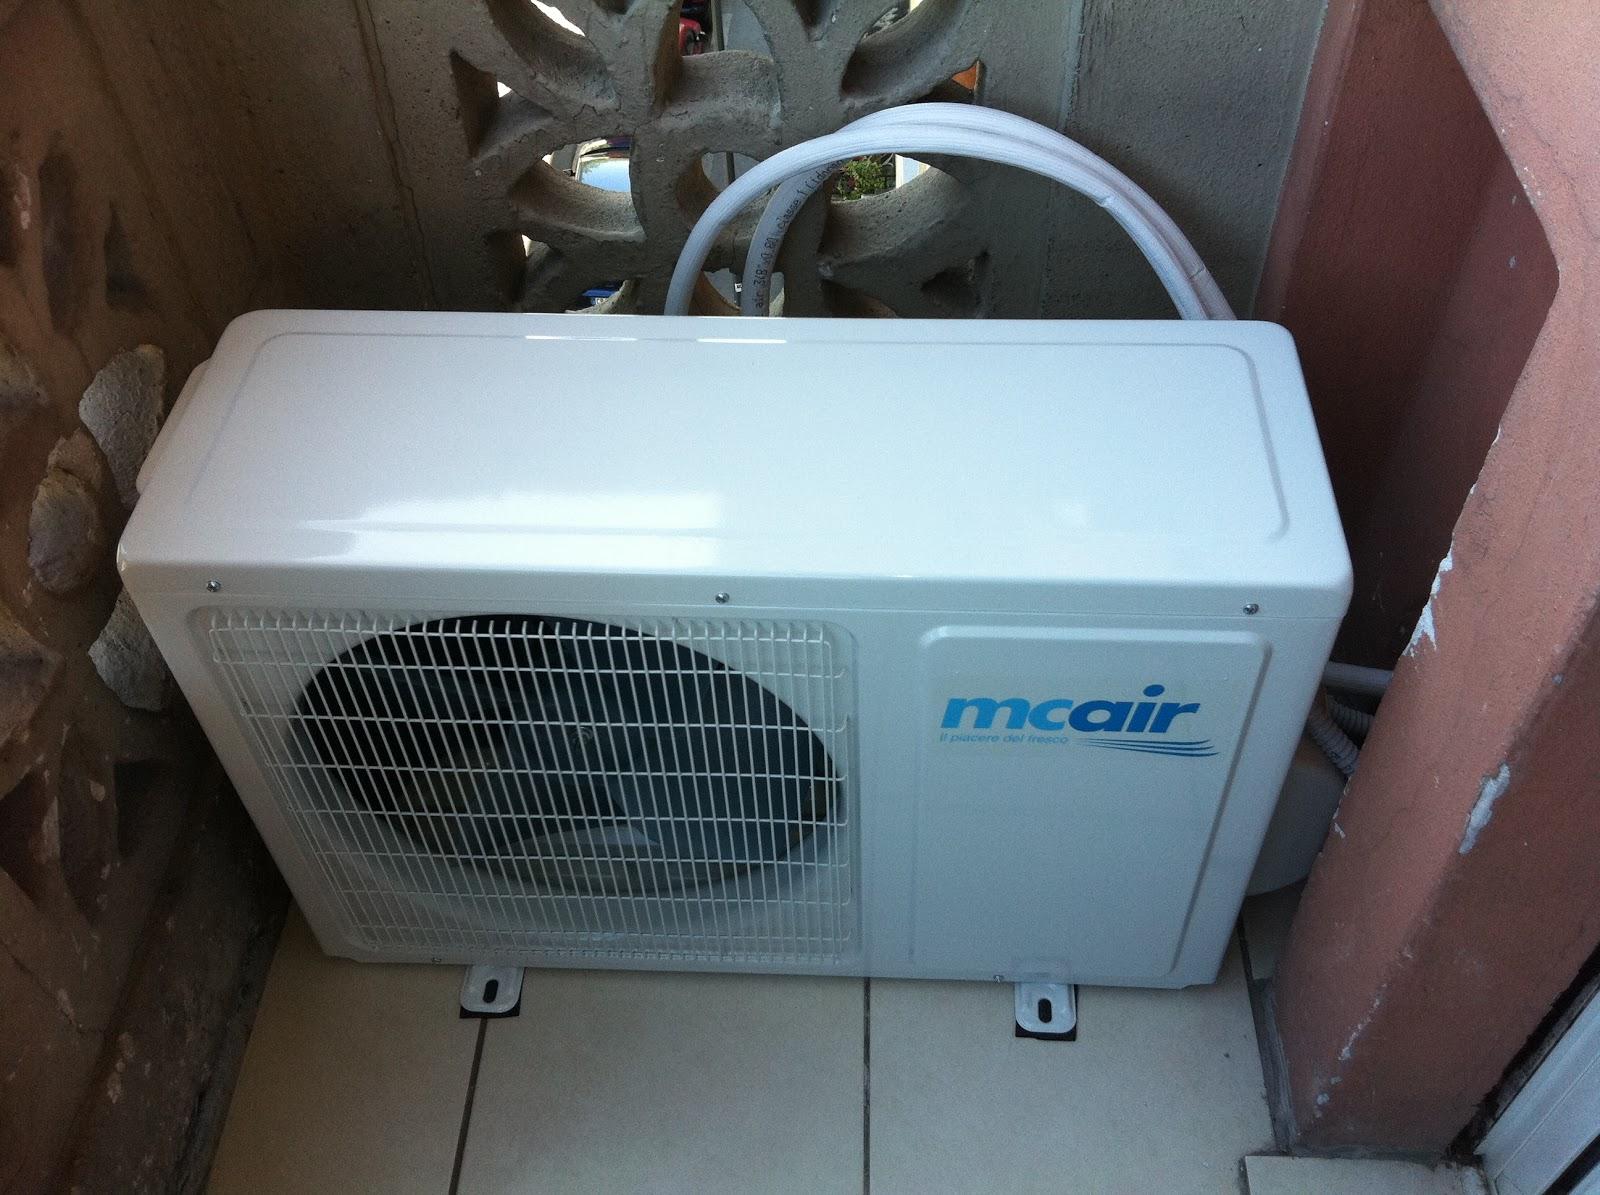 Antennista elettricista milano h s - Condizionatore unita esterna piccola ...